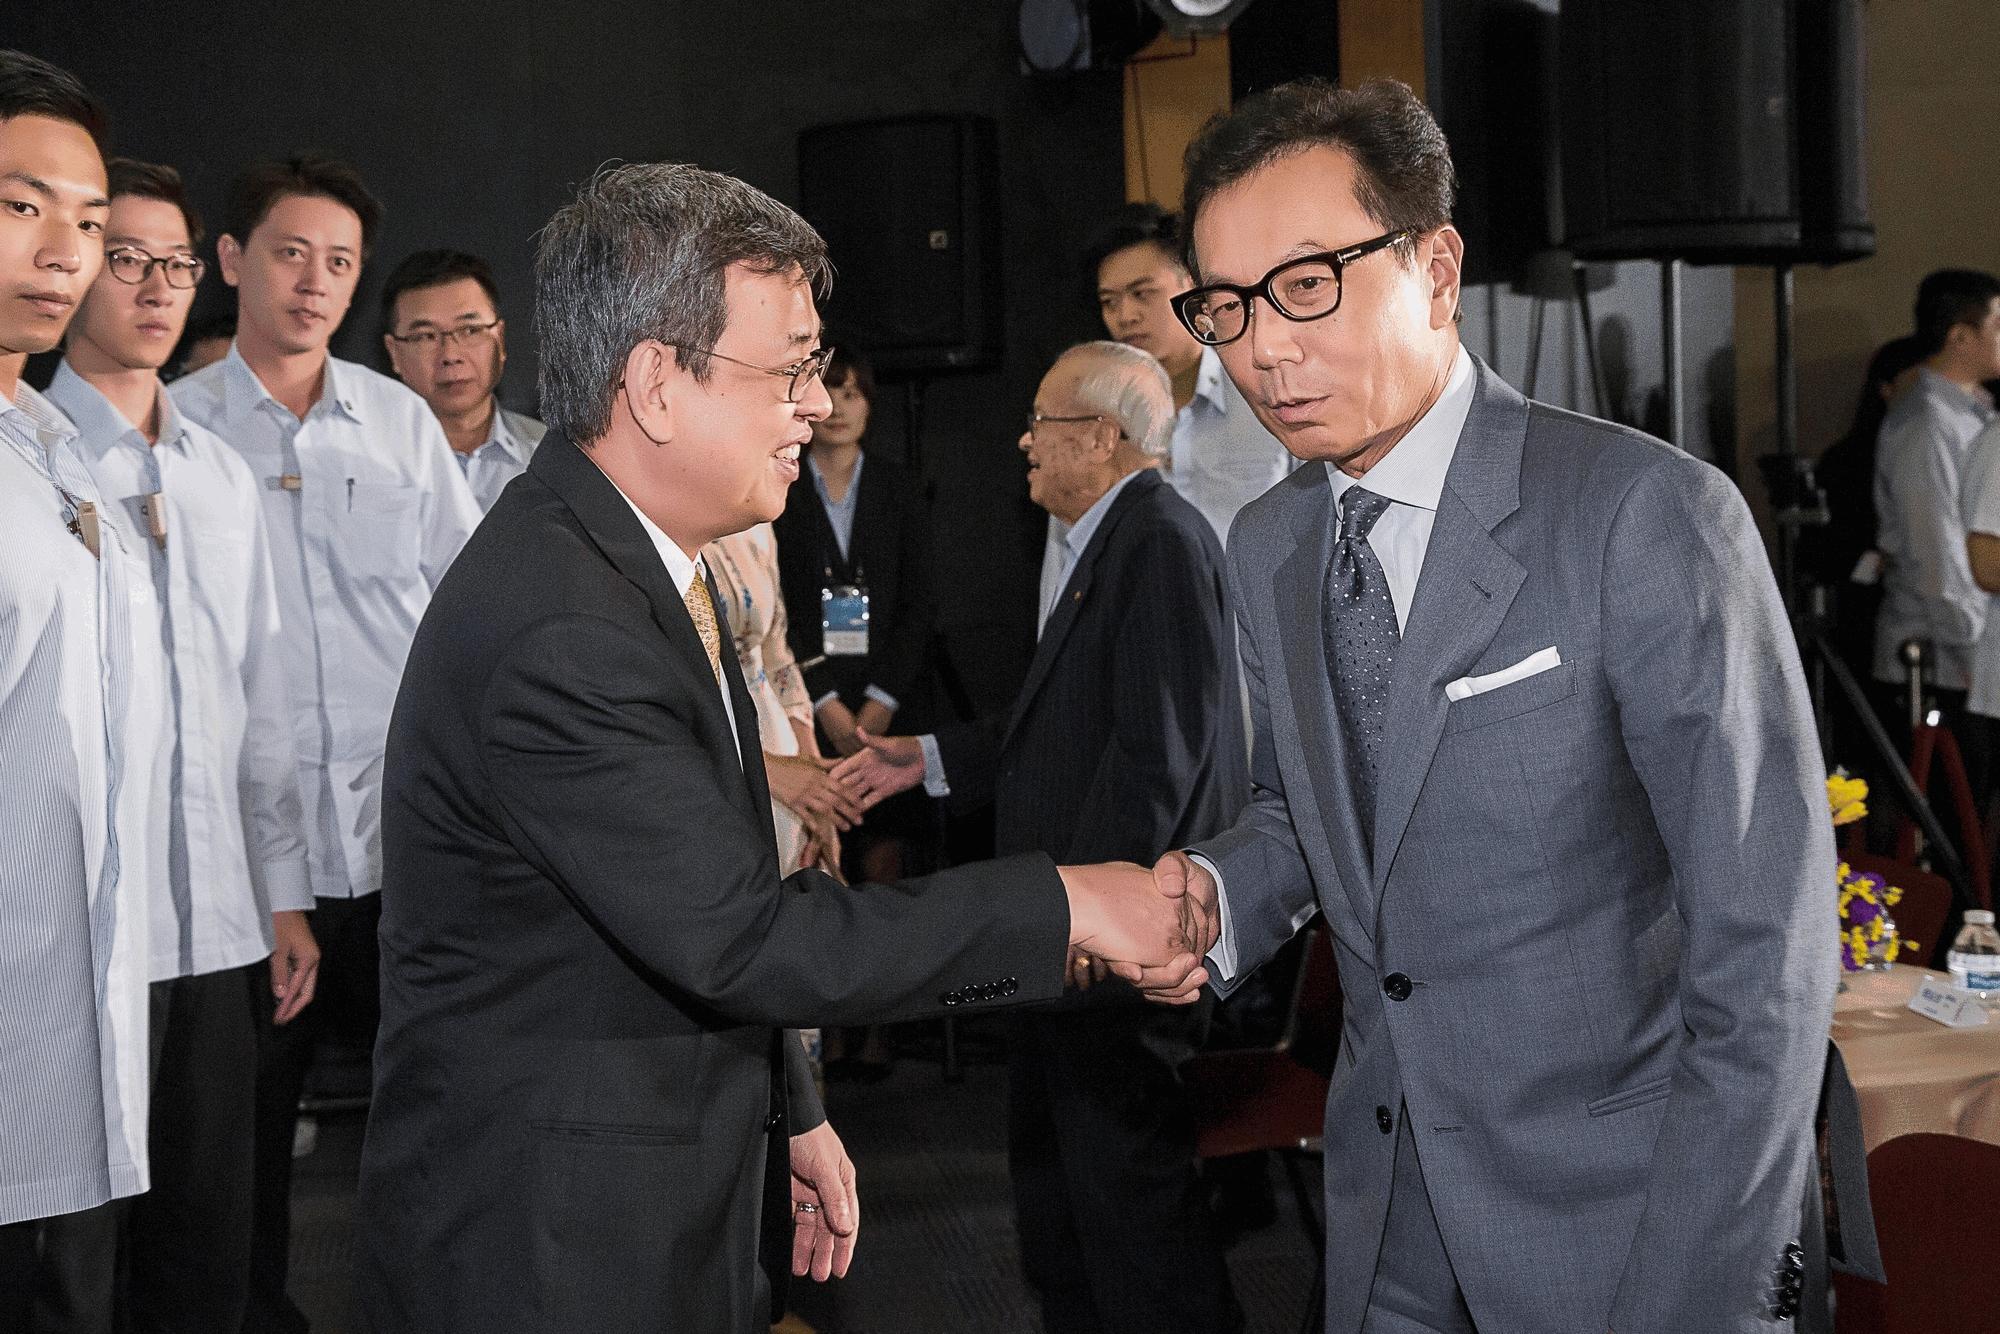 副總統 陳建仁先生 與 蔡明忠董事長